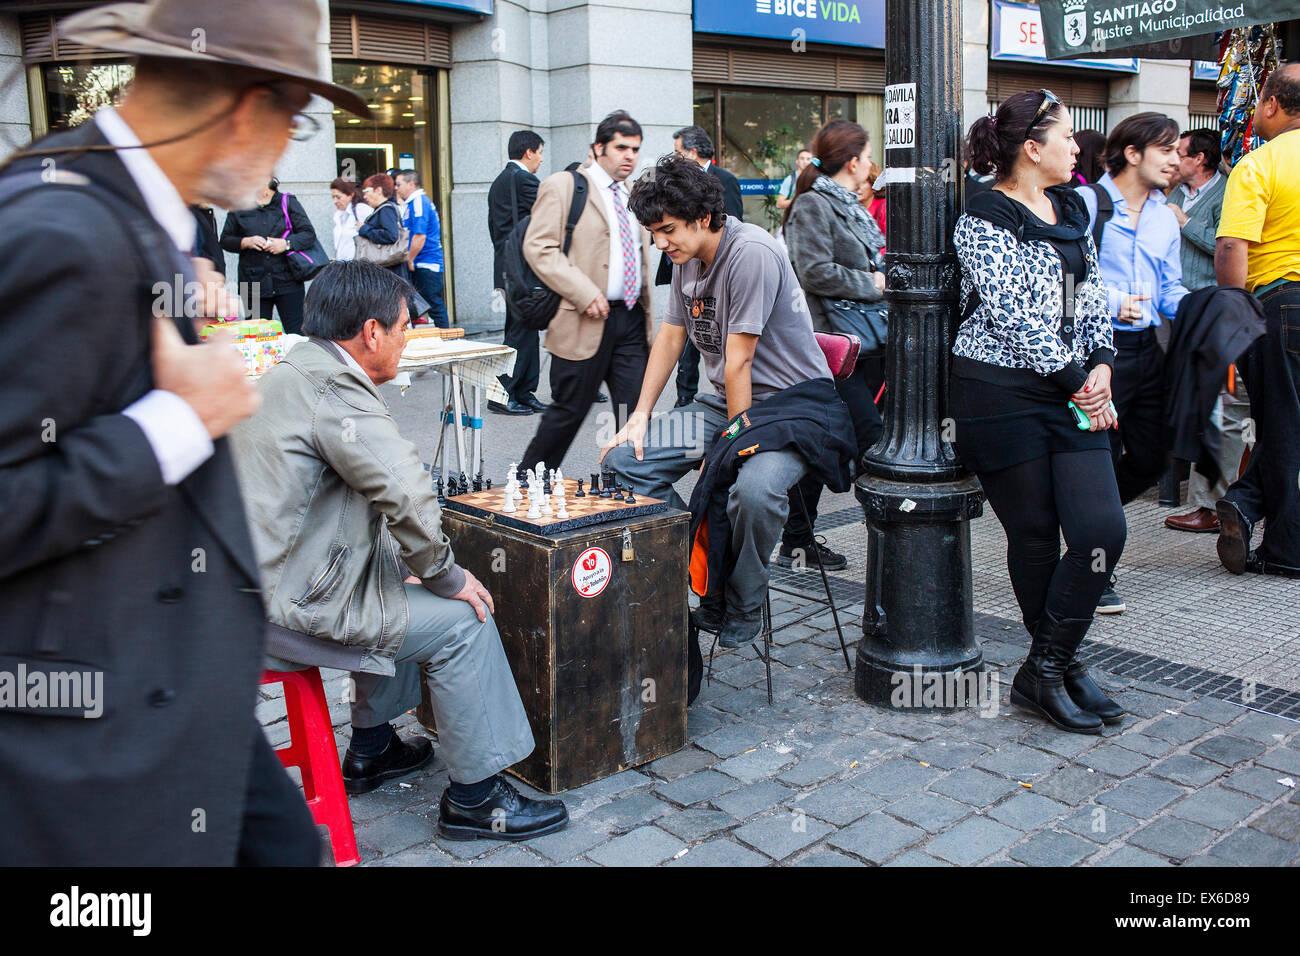 Playing chess, in Avenida Libertador Bernardo O´Higgins. Santiago. Chile. Stock Photo